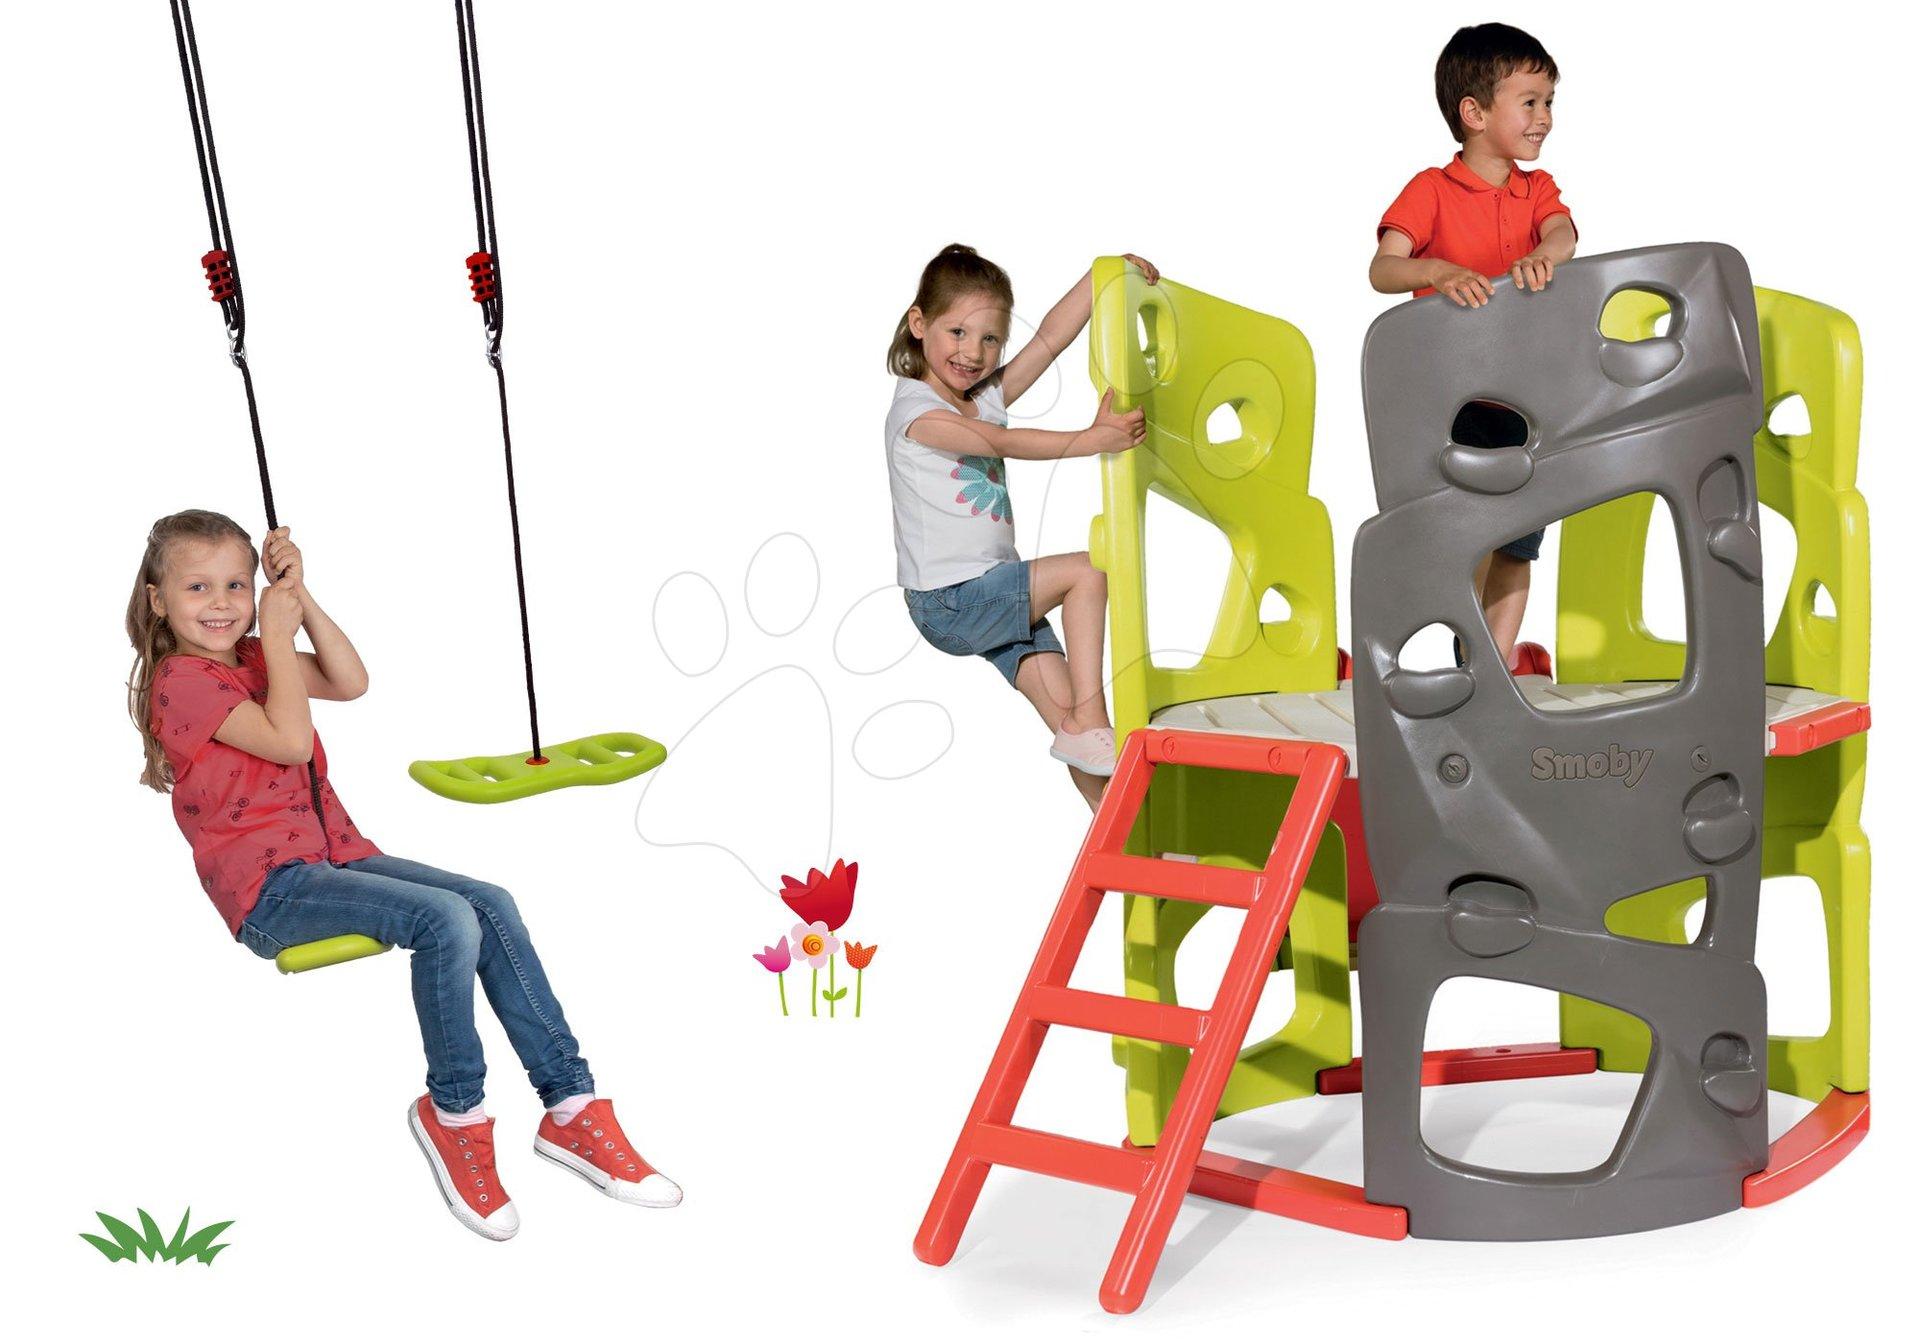 Set preliezačka Multiactivity Climbing Tower na šplhanie so šmykľavkou Smoby a darček nastaviteľná hojdačka Activity Swing